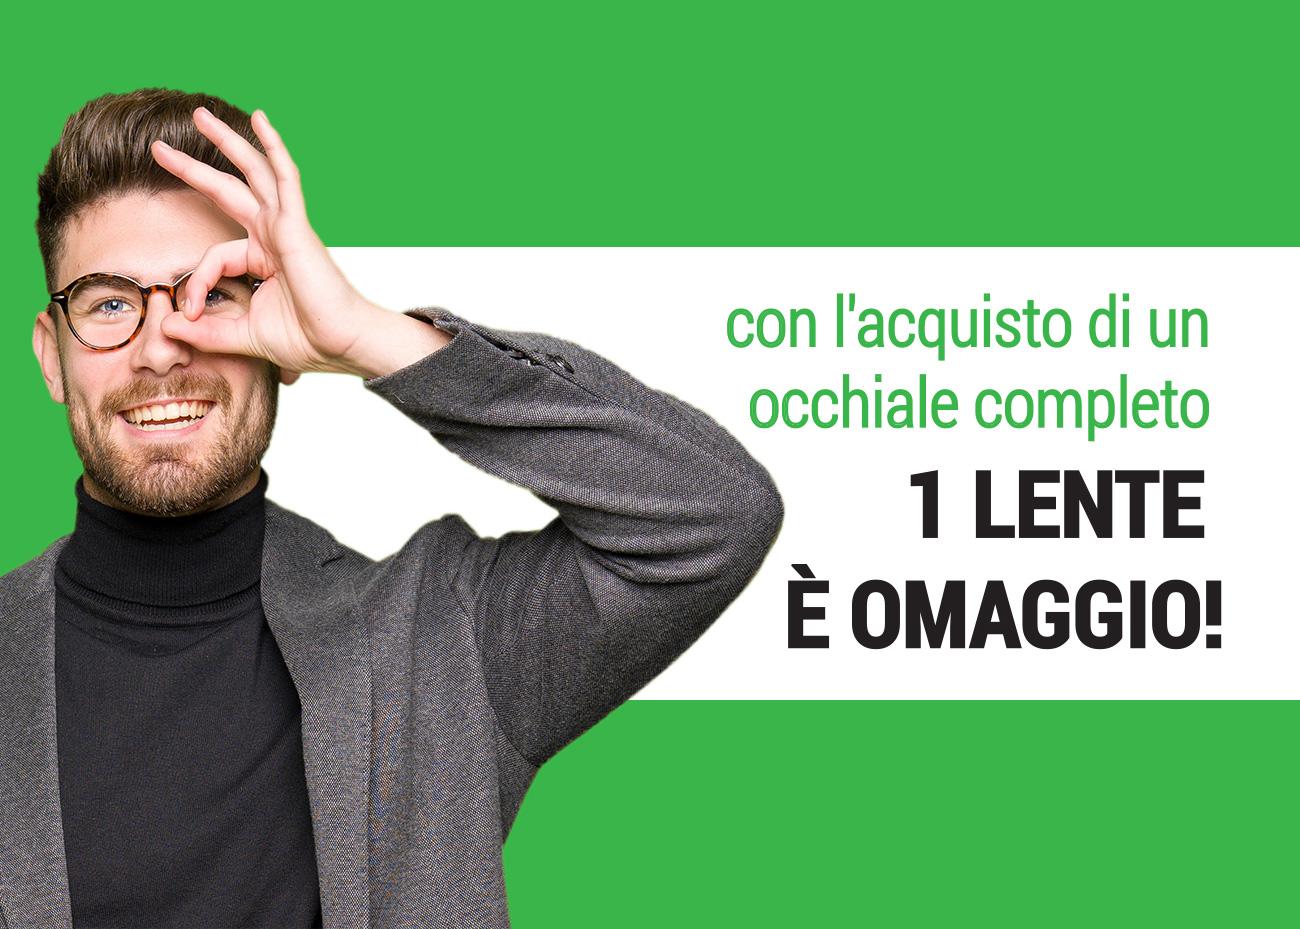 1 lente omaggio, Campagna dei Centri Ottici Associati, Centro Ottico Anzola